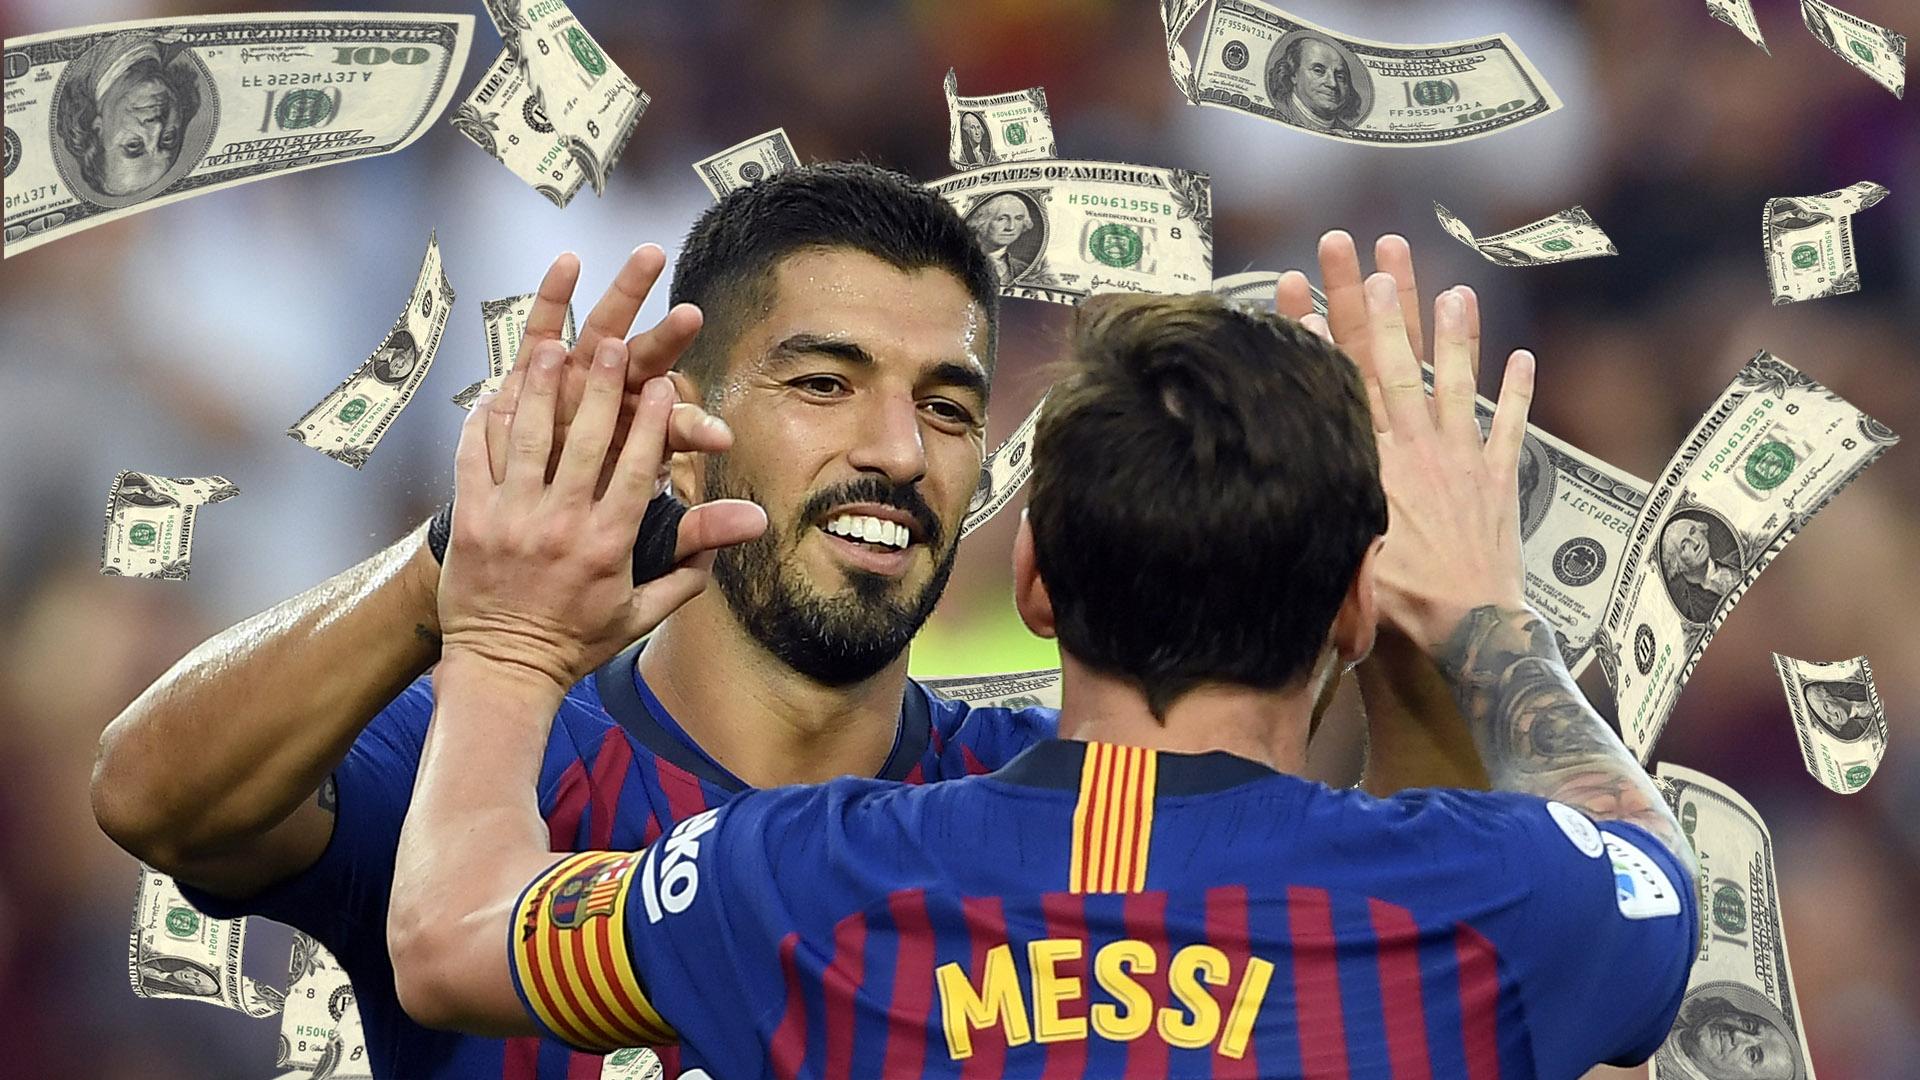 ผลการค้นหารูปภาพสำหรับ บาร์ซาทุบสถิติจ่ายค่าจ้างทีมกีฬาโลก